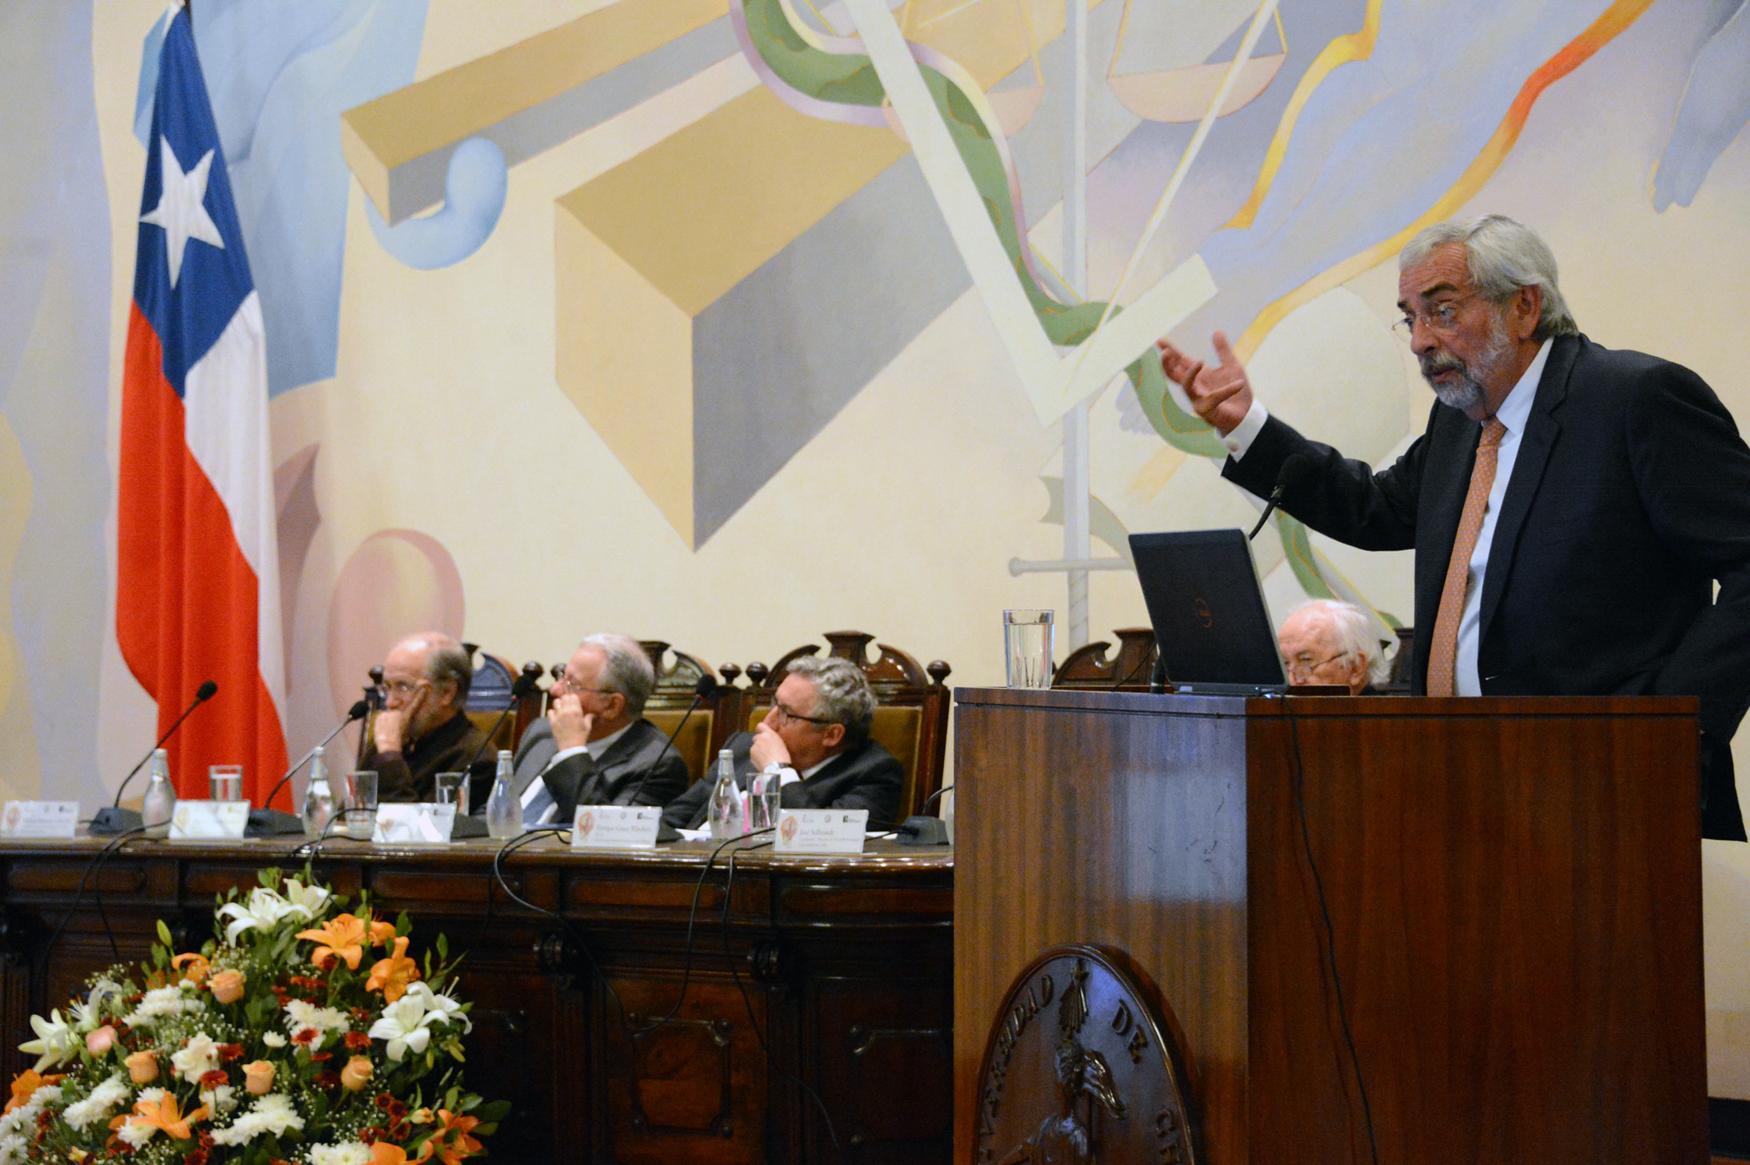 Enrique Graue, durante su participación en la VIII Asamblea General de la Red de Macrouniversidades de América Latina y el Caribe. NOTIMEX/FOTO/BENJAMIN CHAIRES-UNAM/COR/EDU/MIGRA16/